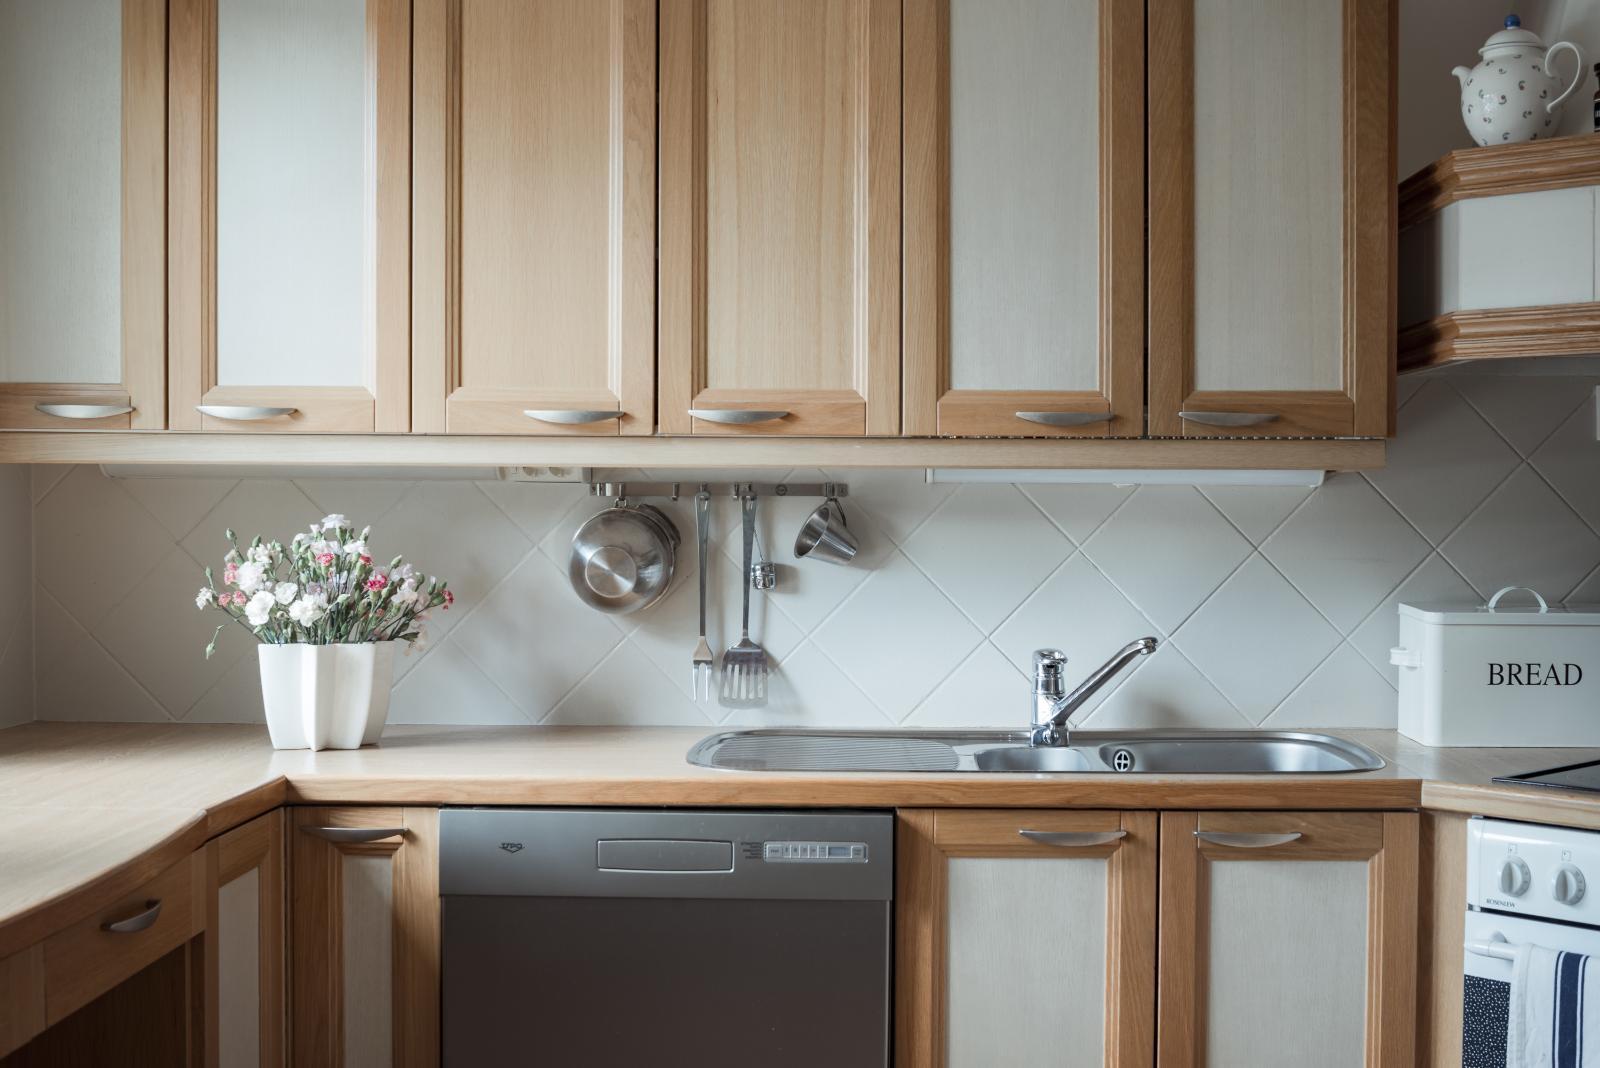 Tilavassa keittiössä on hyvin työskentelytilaa. Sen vierellä on erillinen ruokahuone. title=